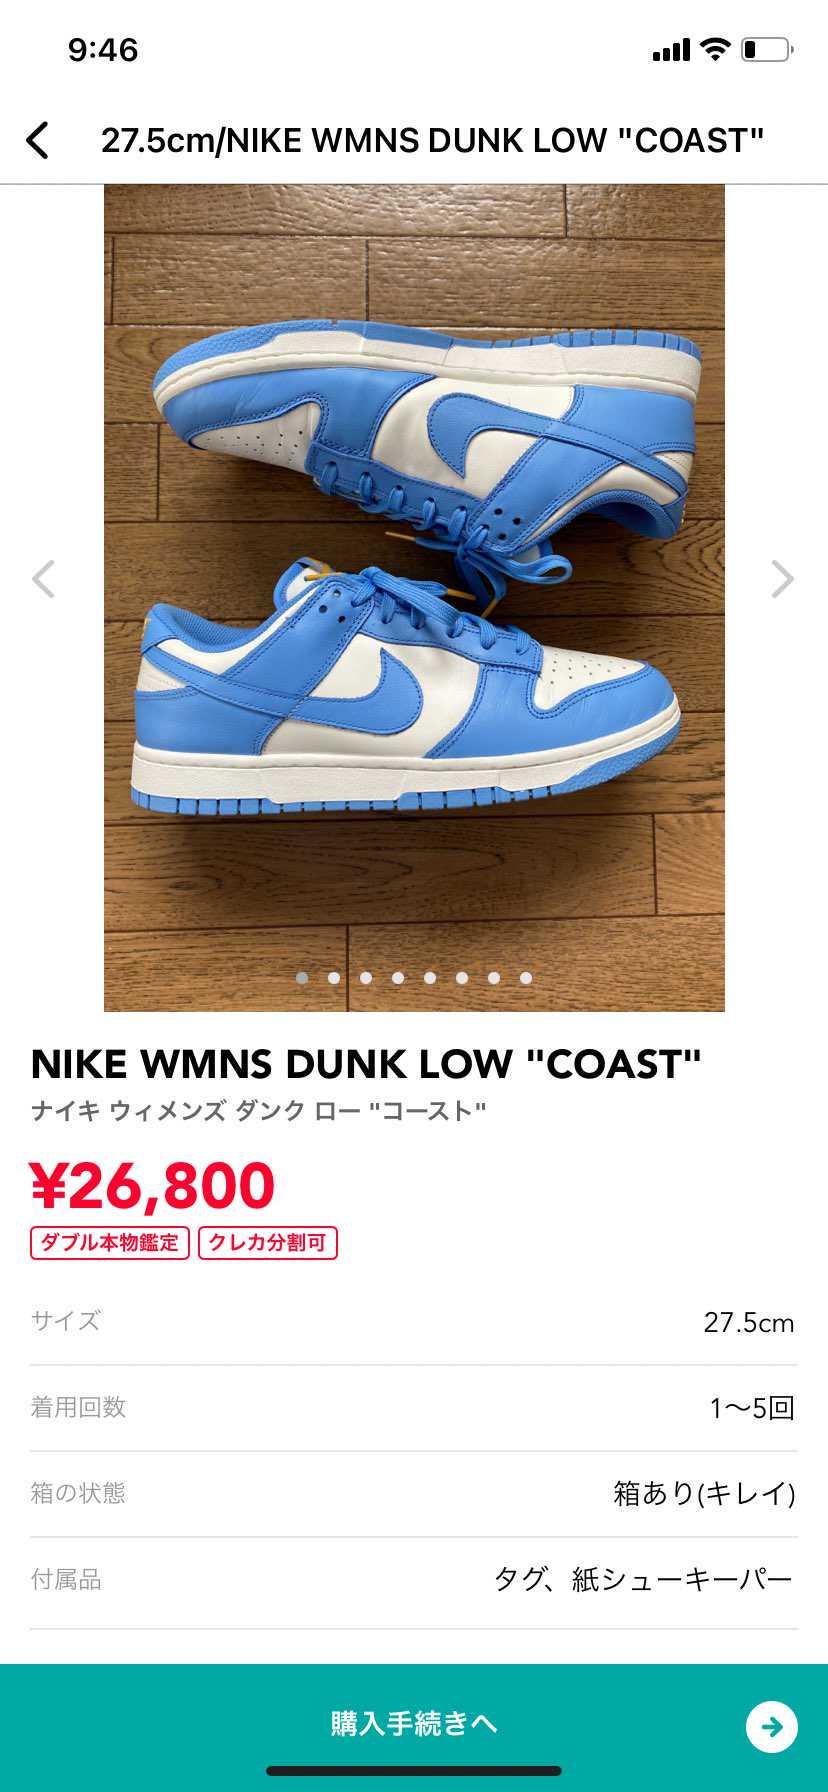 wmns dunk low coast 27.5cm出品しています。 よろしく